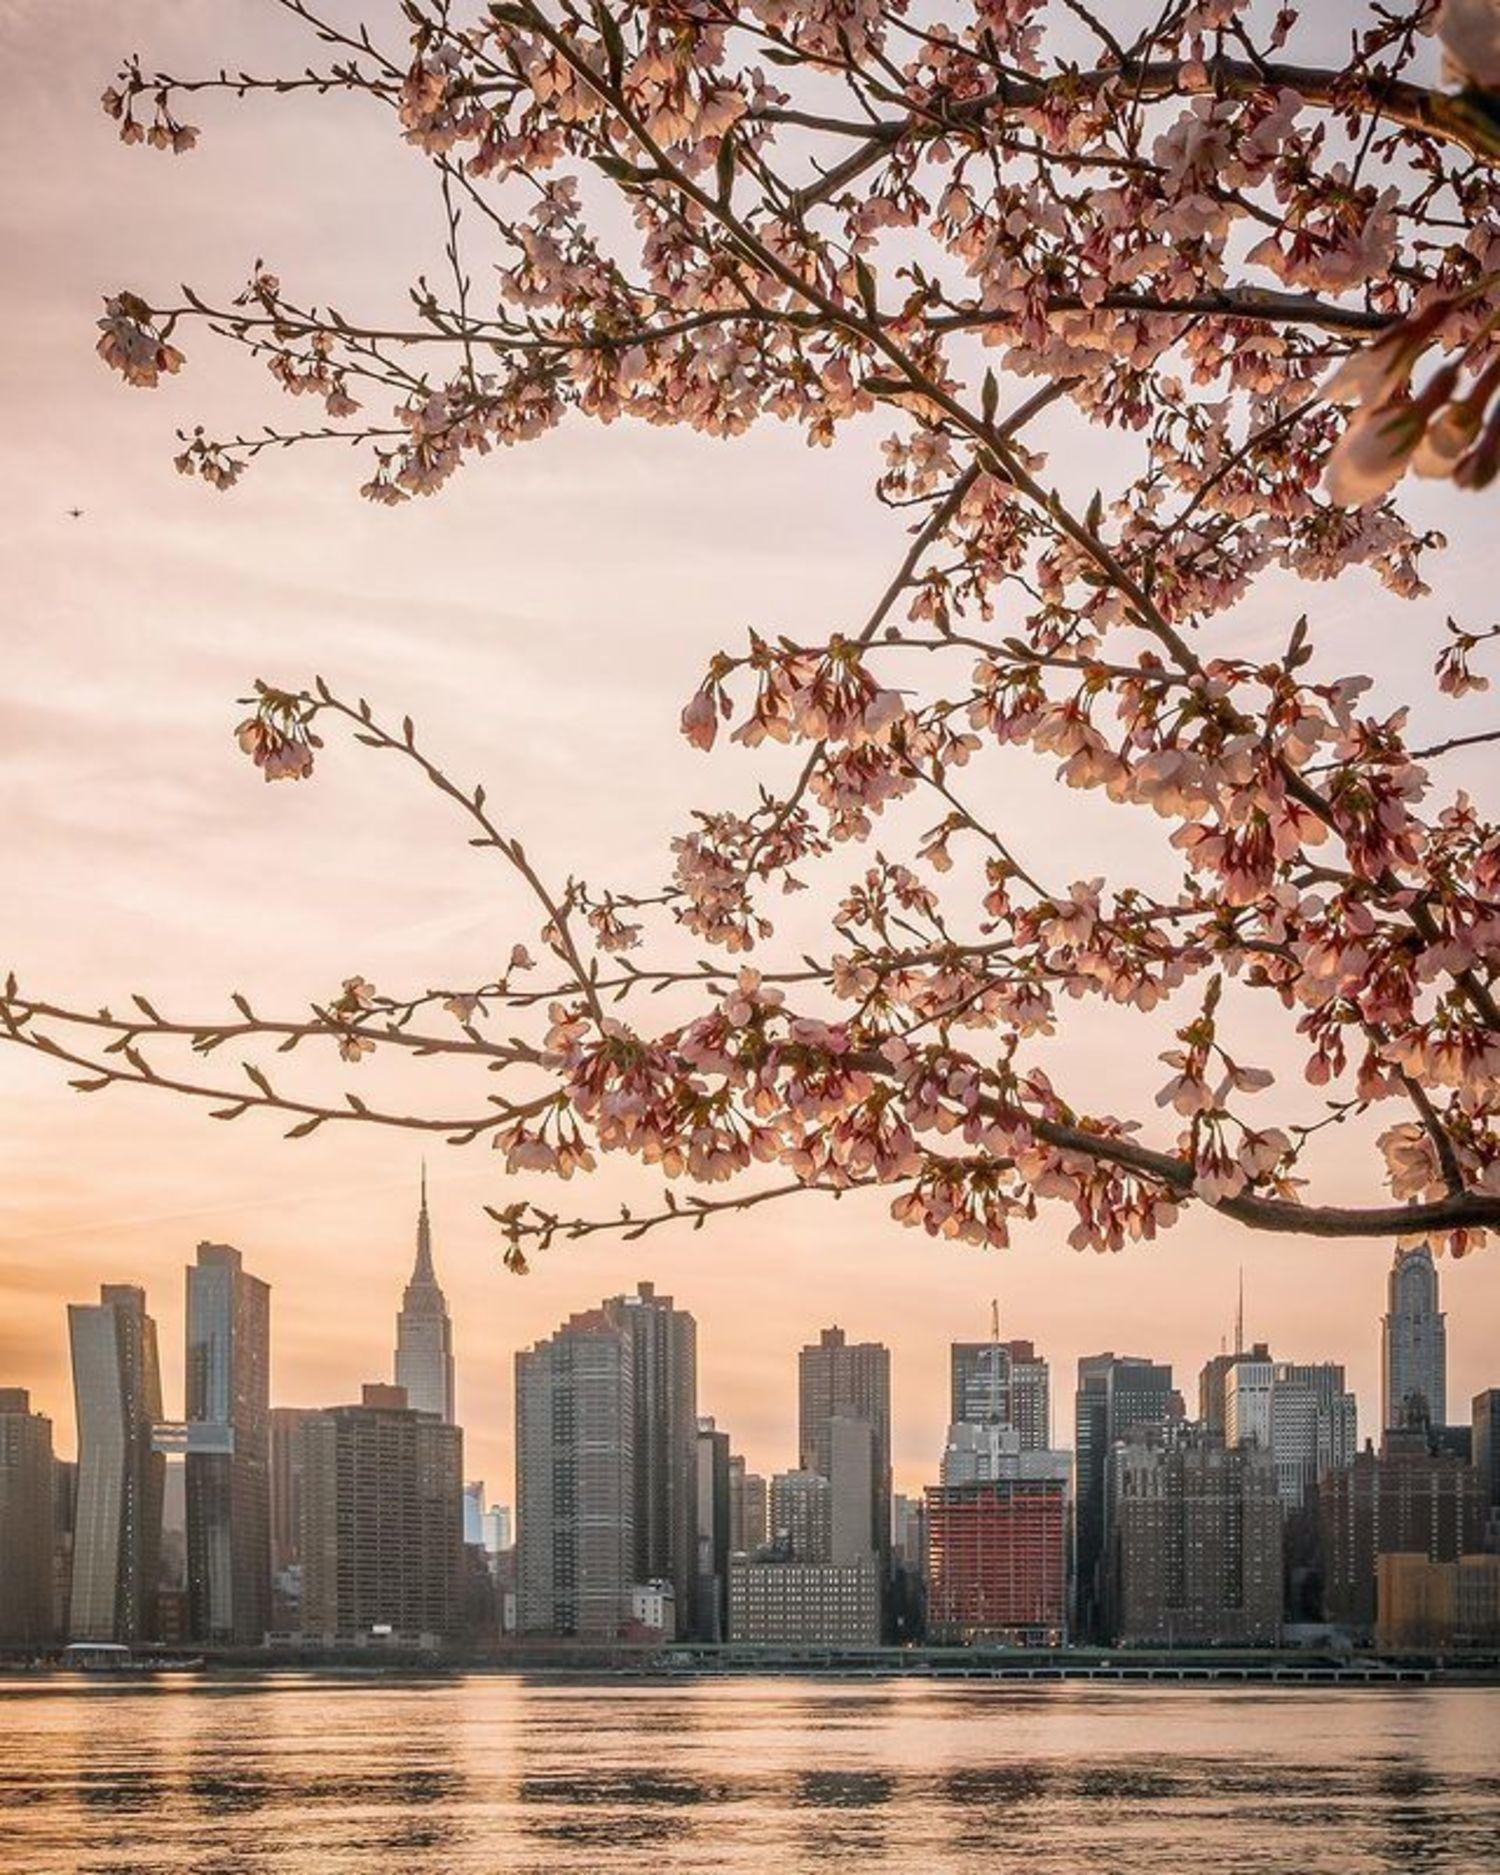 Manhattan skyline from Long Island City, Queens